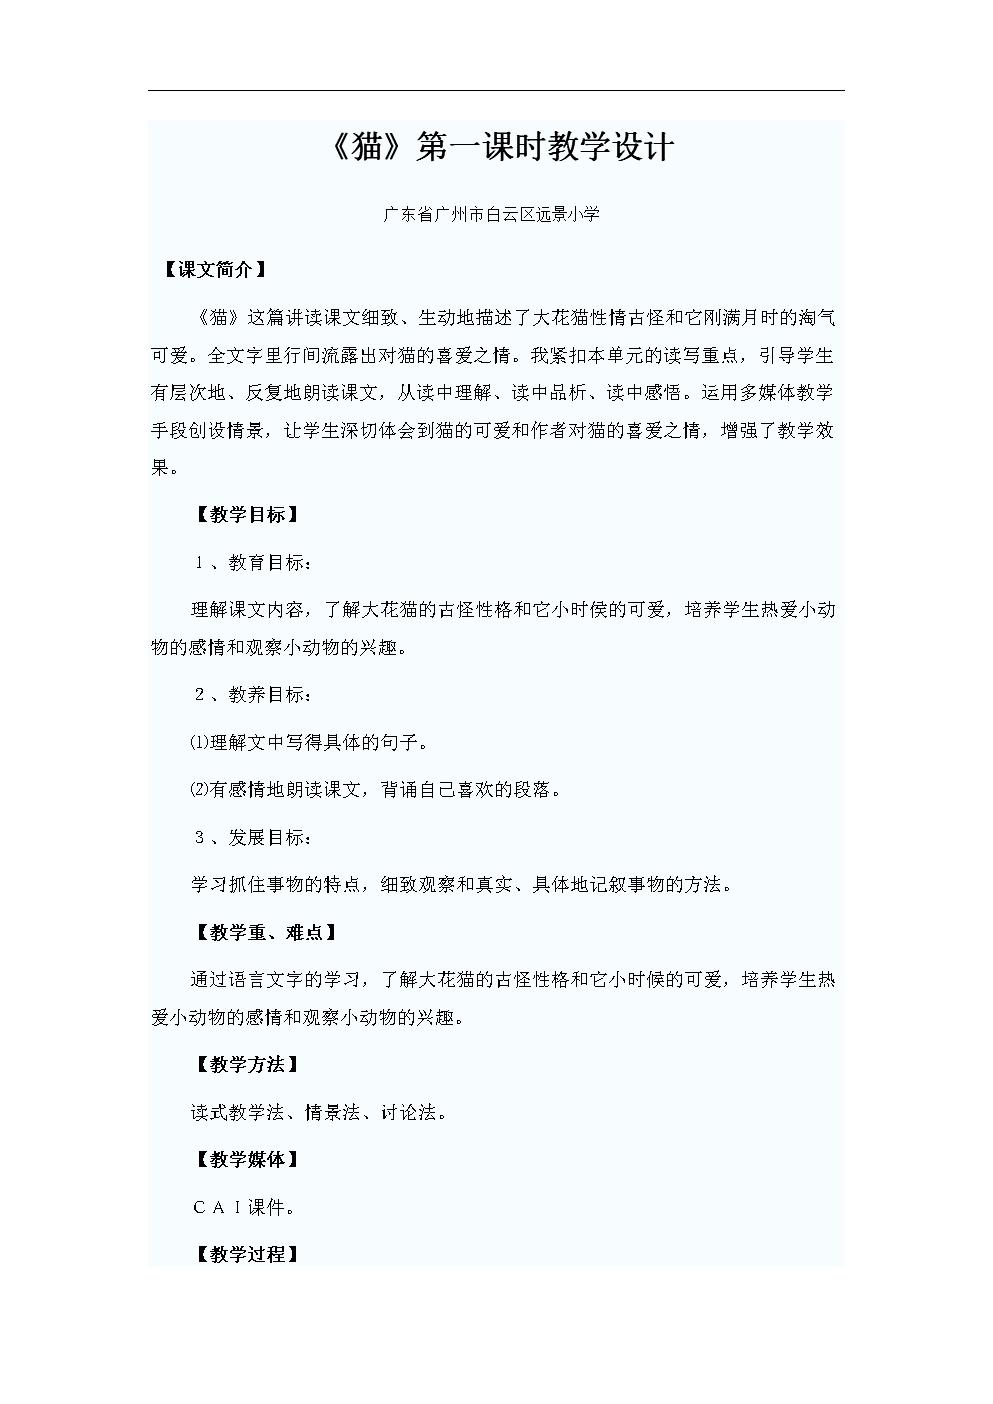 语文教学设计-《猫》 广东 杜帼珊-小学4年级上册.doc图片